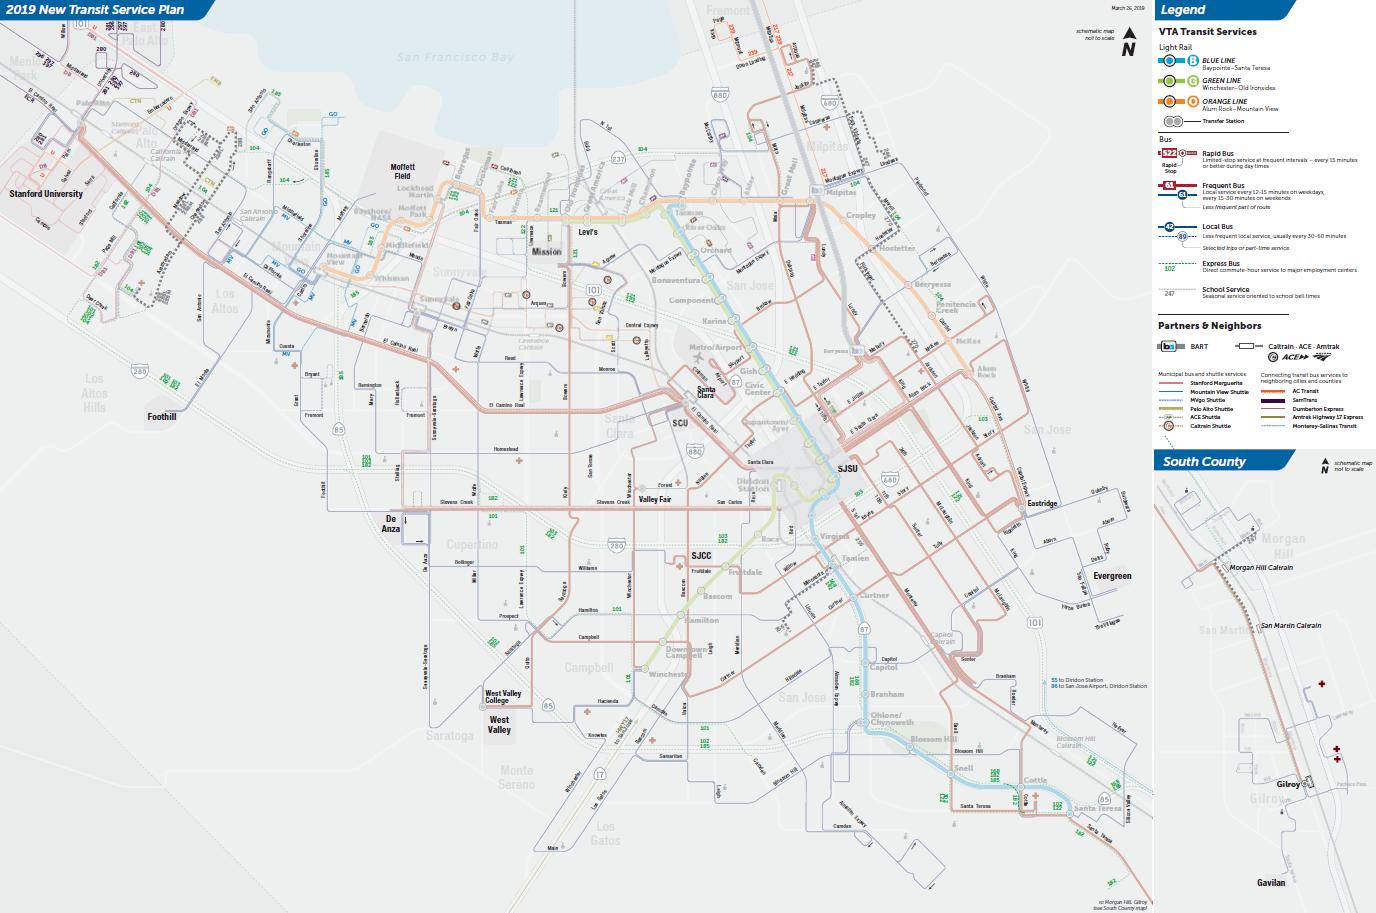 Bản đồ Tuyến Xe Đưa đón Học sinh của Kế hoạch Dịch vụ Vận chuyển mới 2019 Chính thức  (PDF)